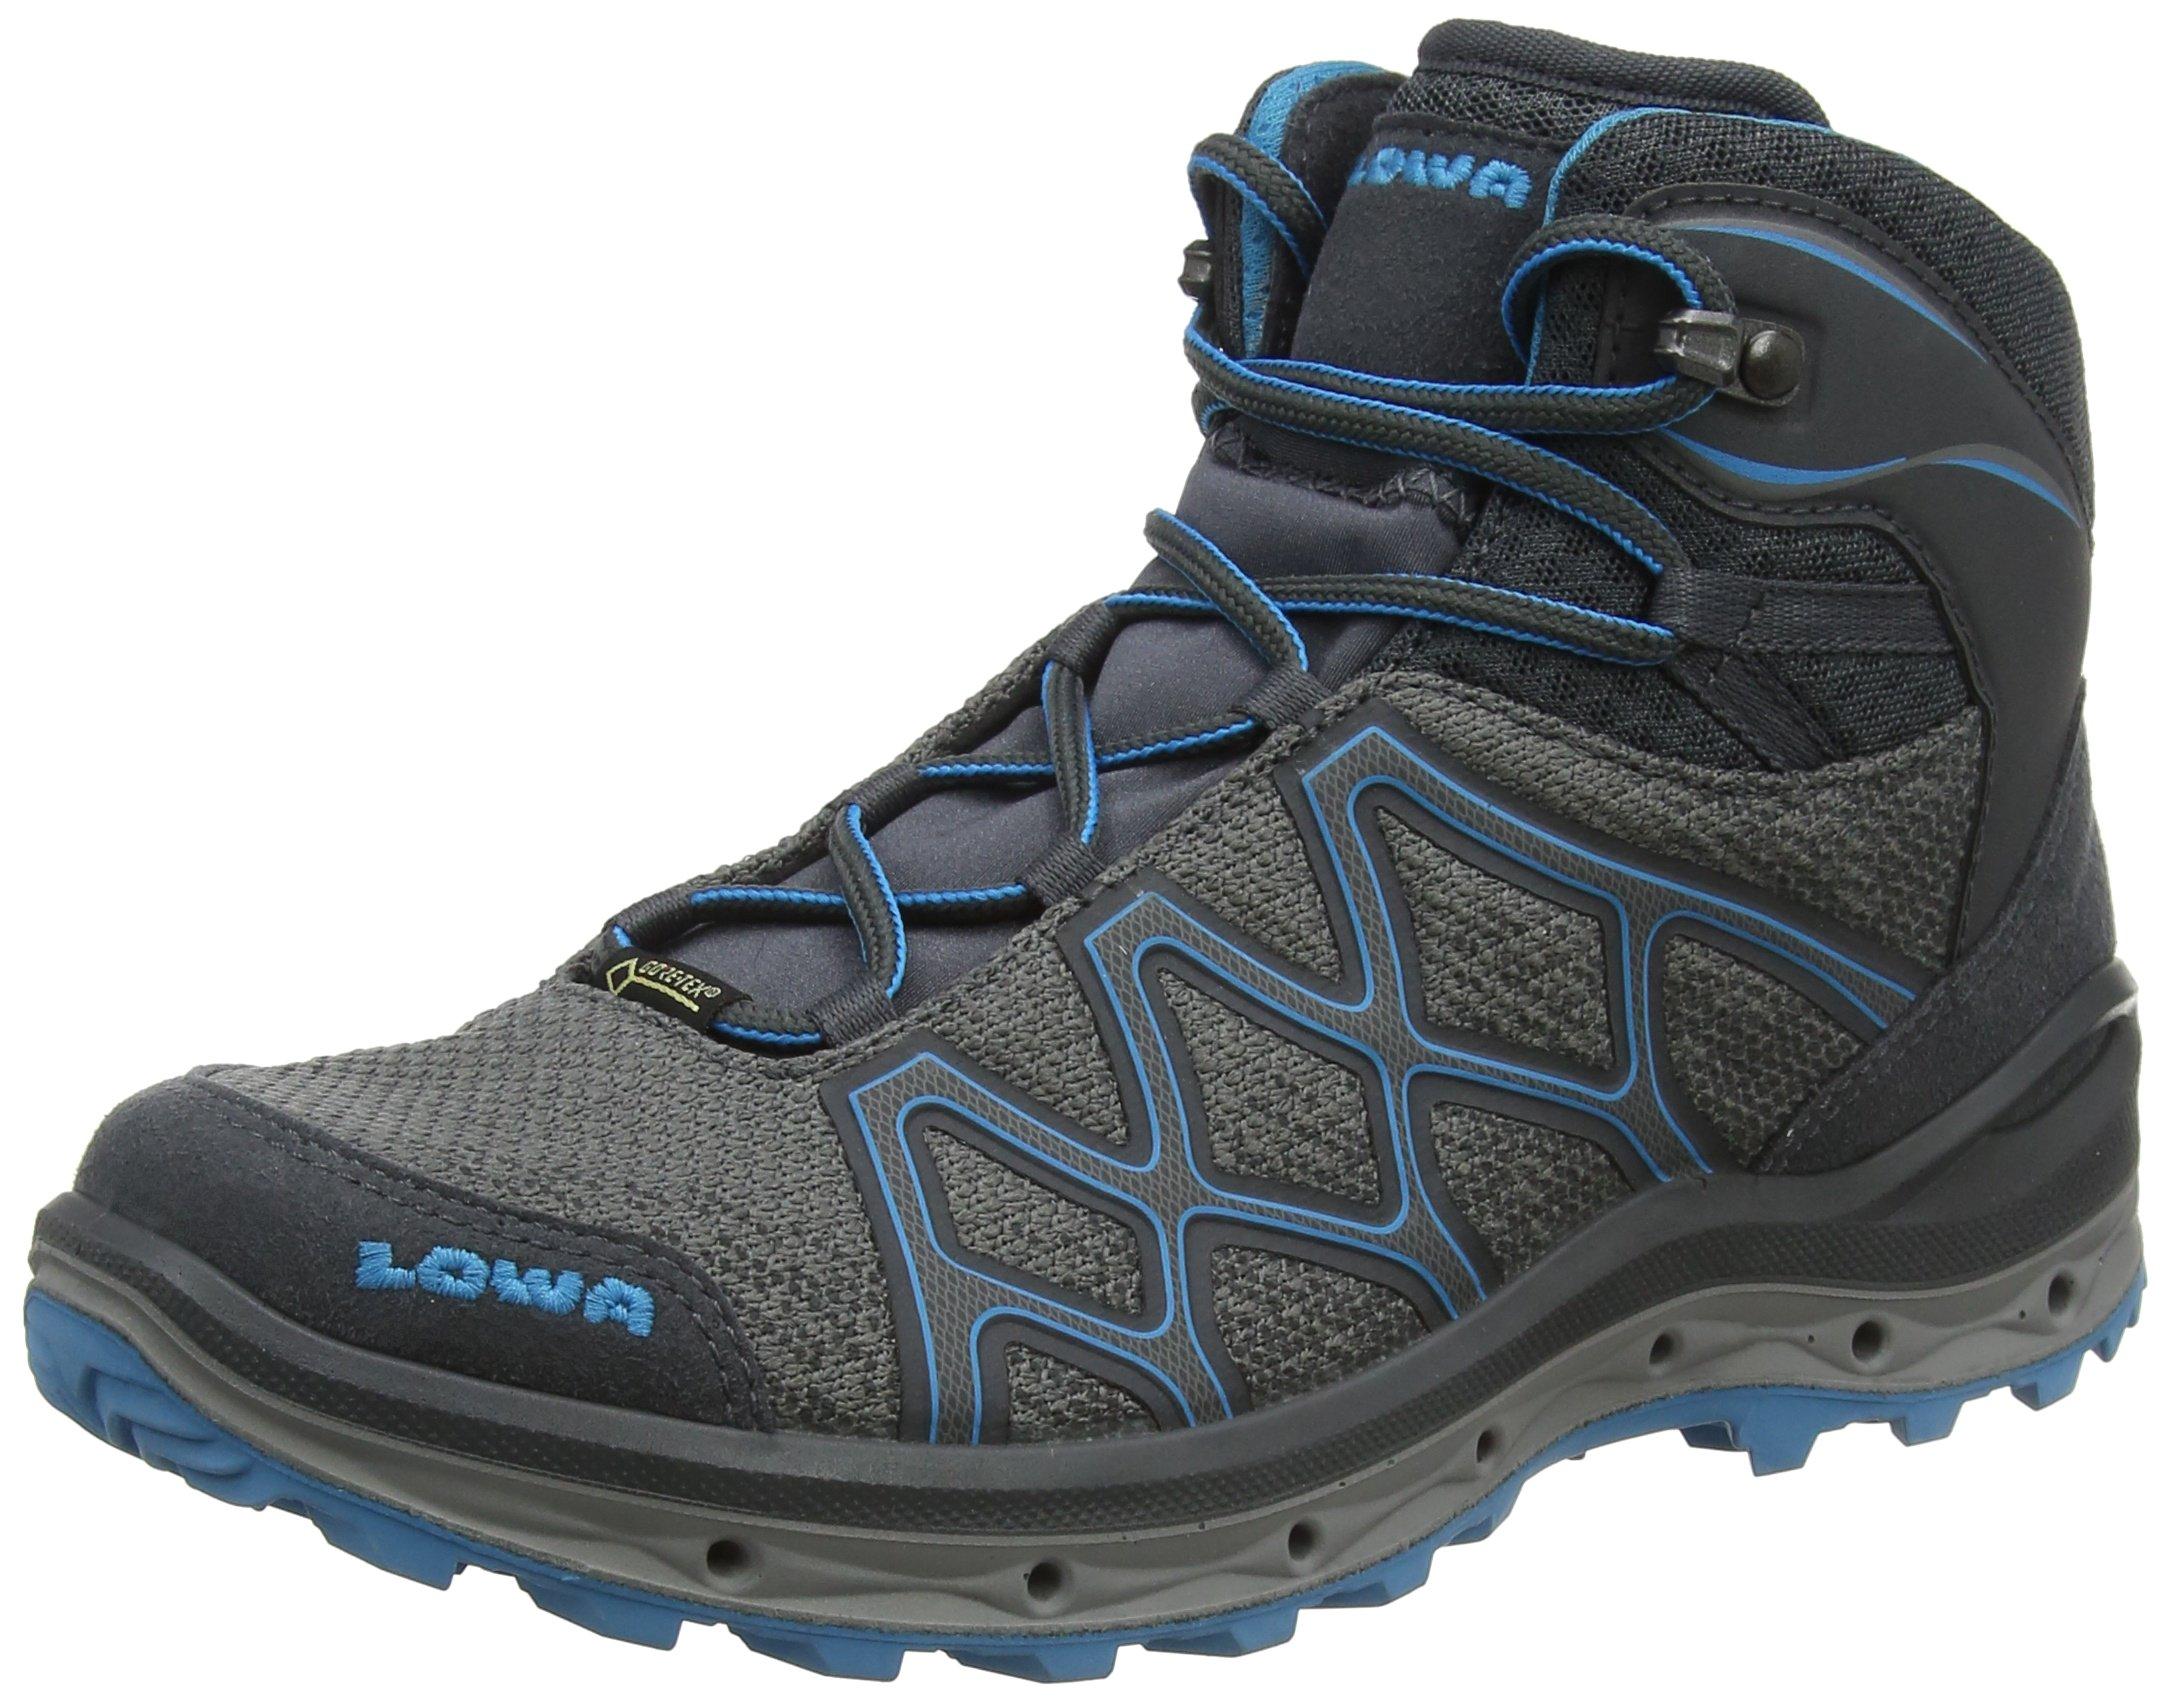 81NMkQ3XqLL - Lowa Women's AEROX GTX MID W High Rise Hiking Boots